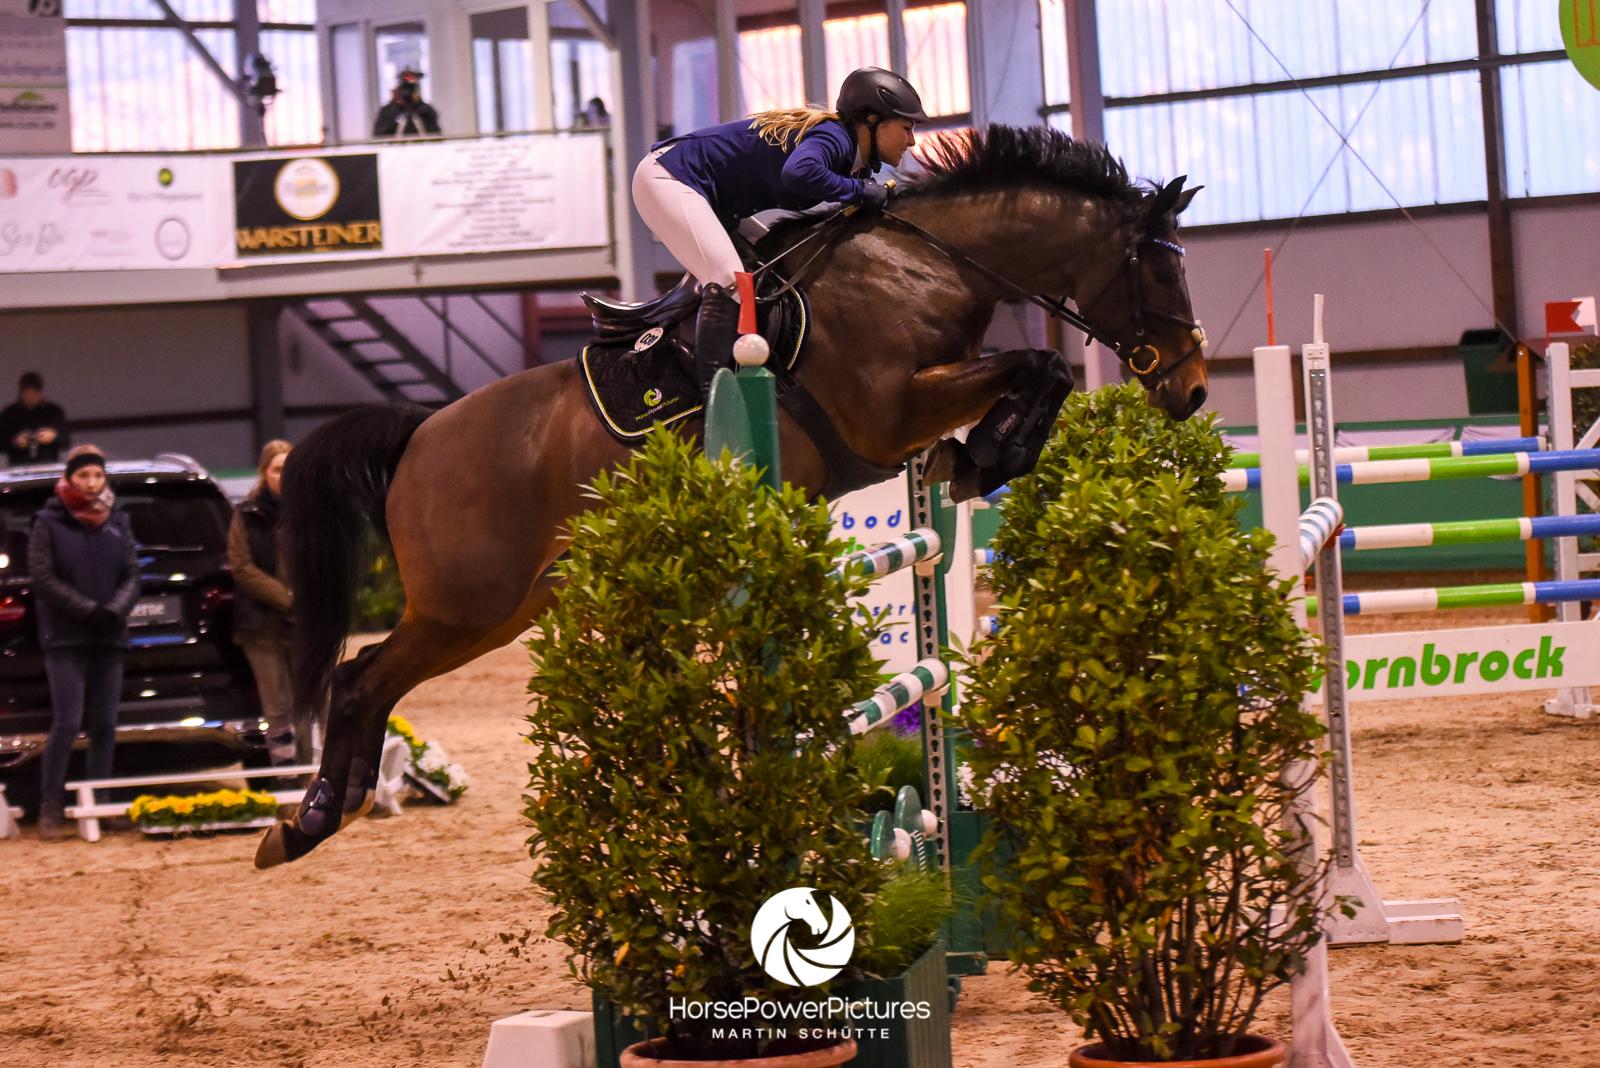 Verena Feller-Leimner - Team HorsePowerPictures